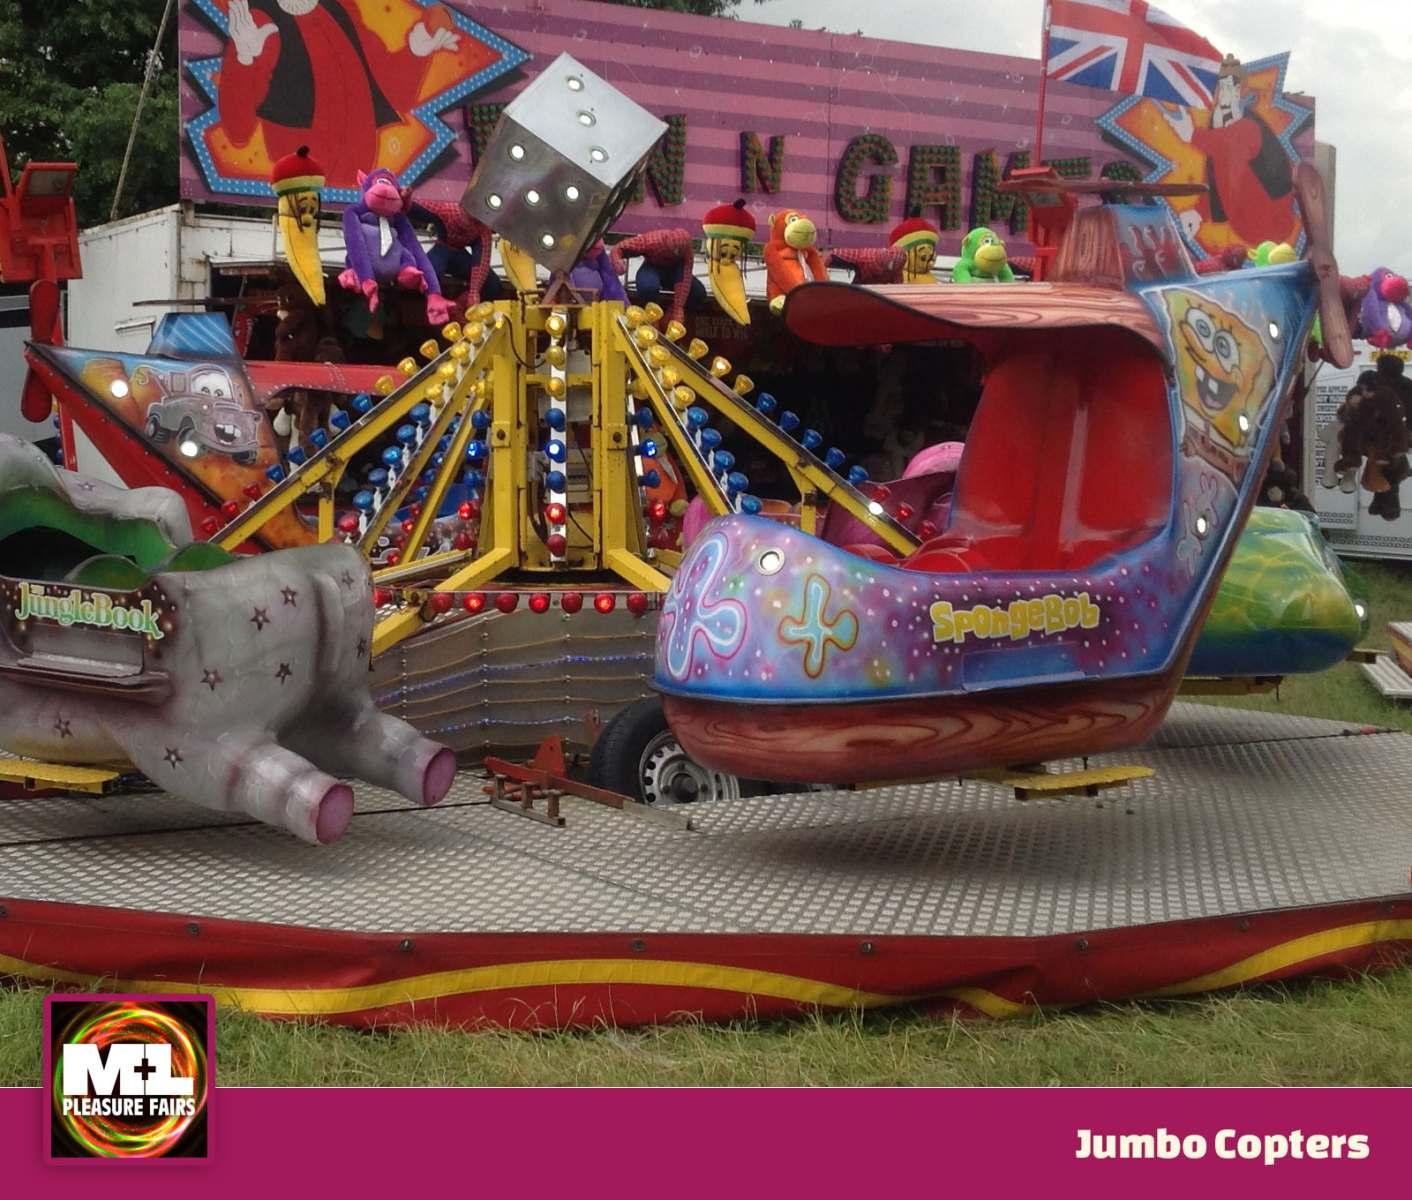 Jumbo Copters Ride Image